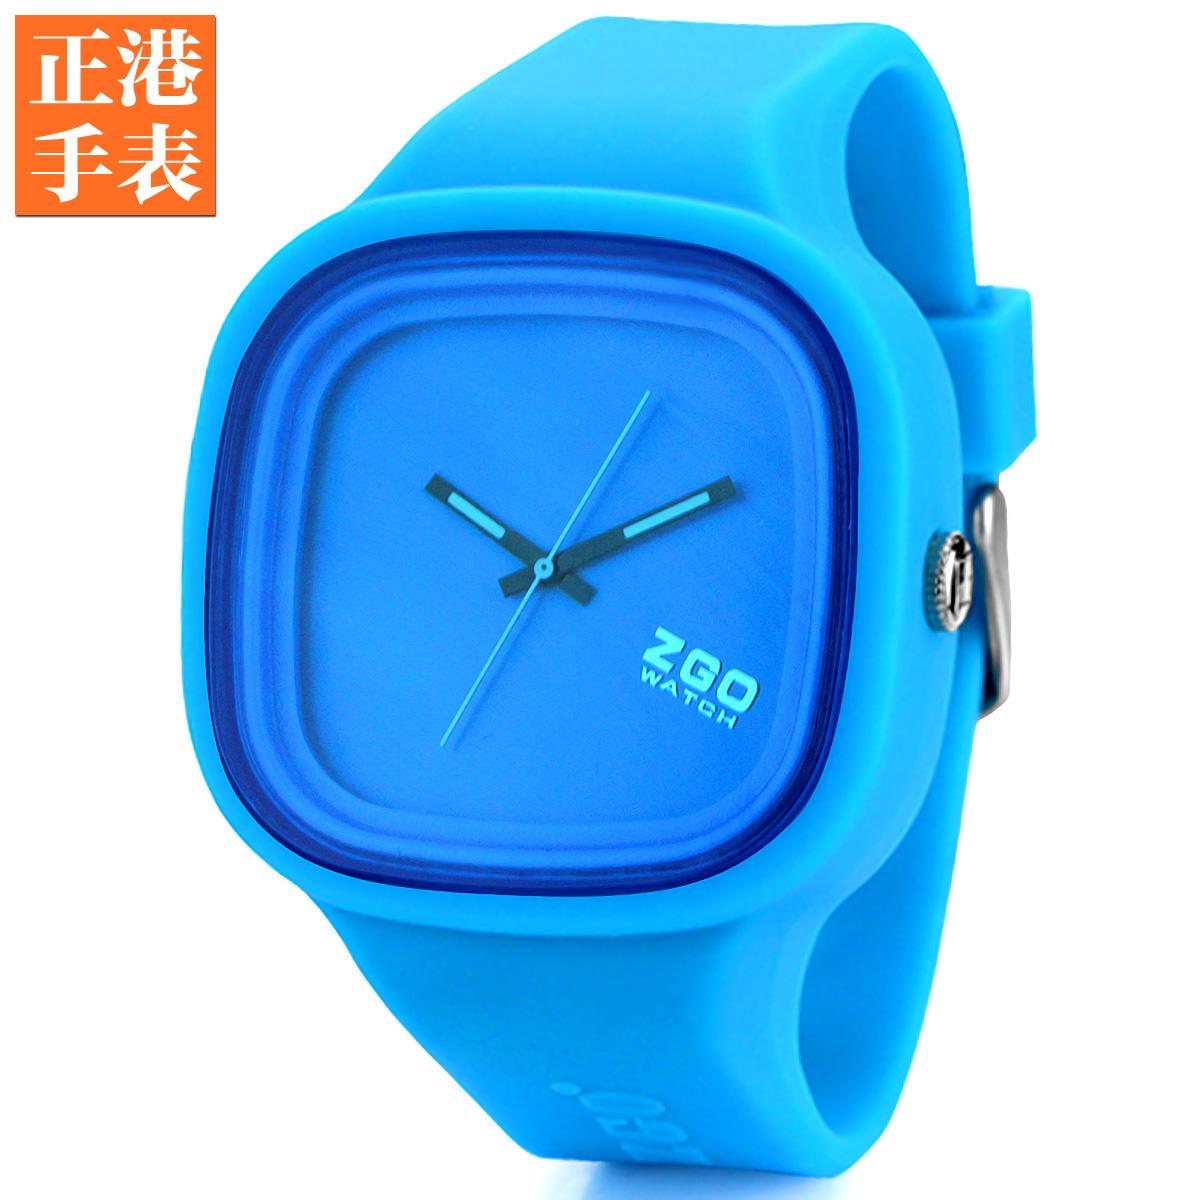 正港学生休闲运动大表盘 中性潮流磨砂果冻手表 个性创意石英腕表